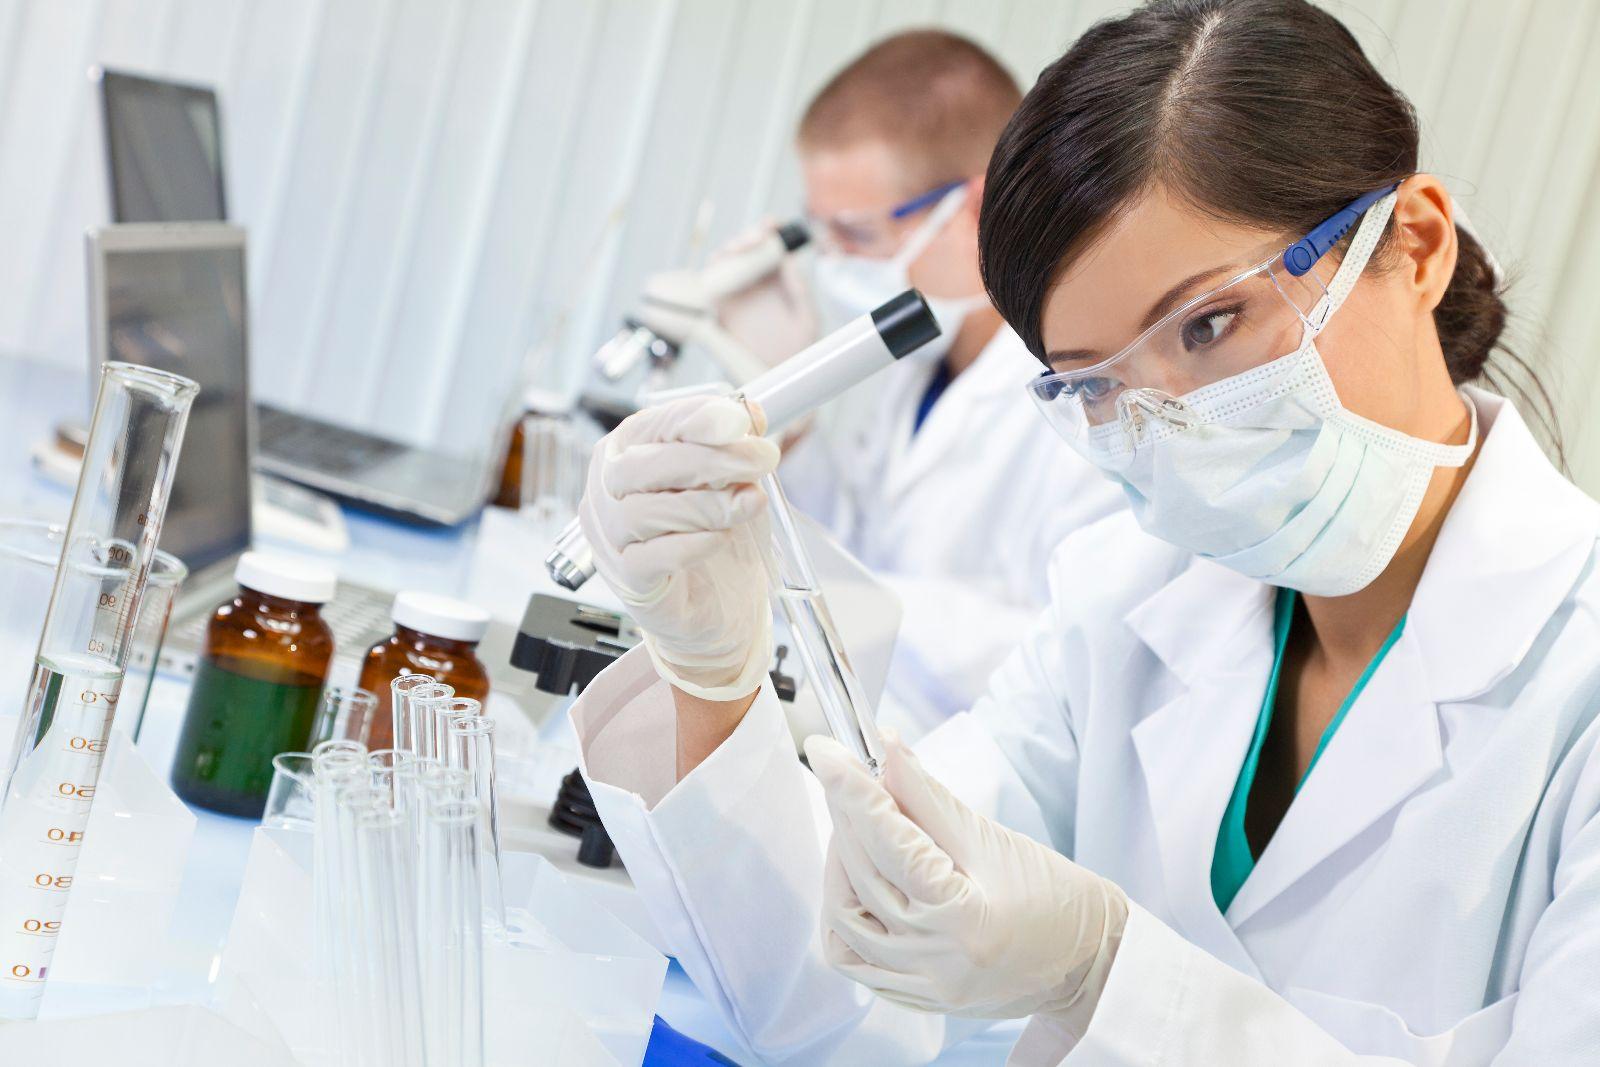 Mujer observando tubo de ensayo en el fondo un laboratorio